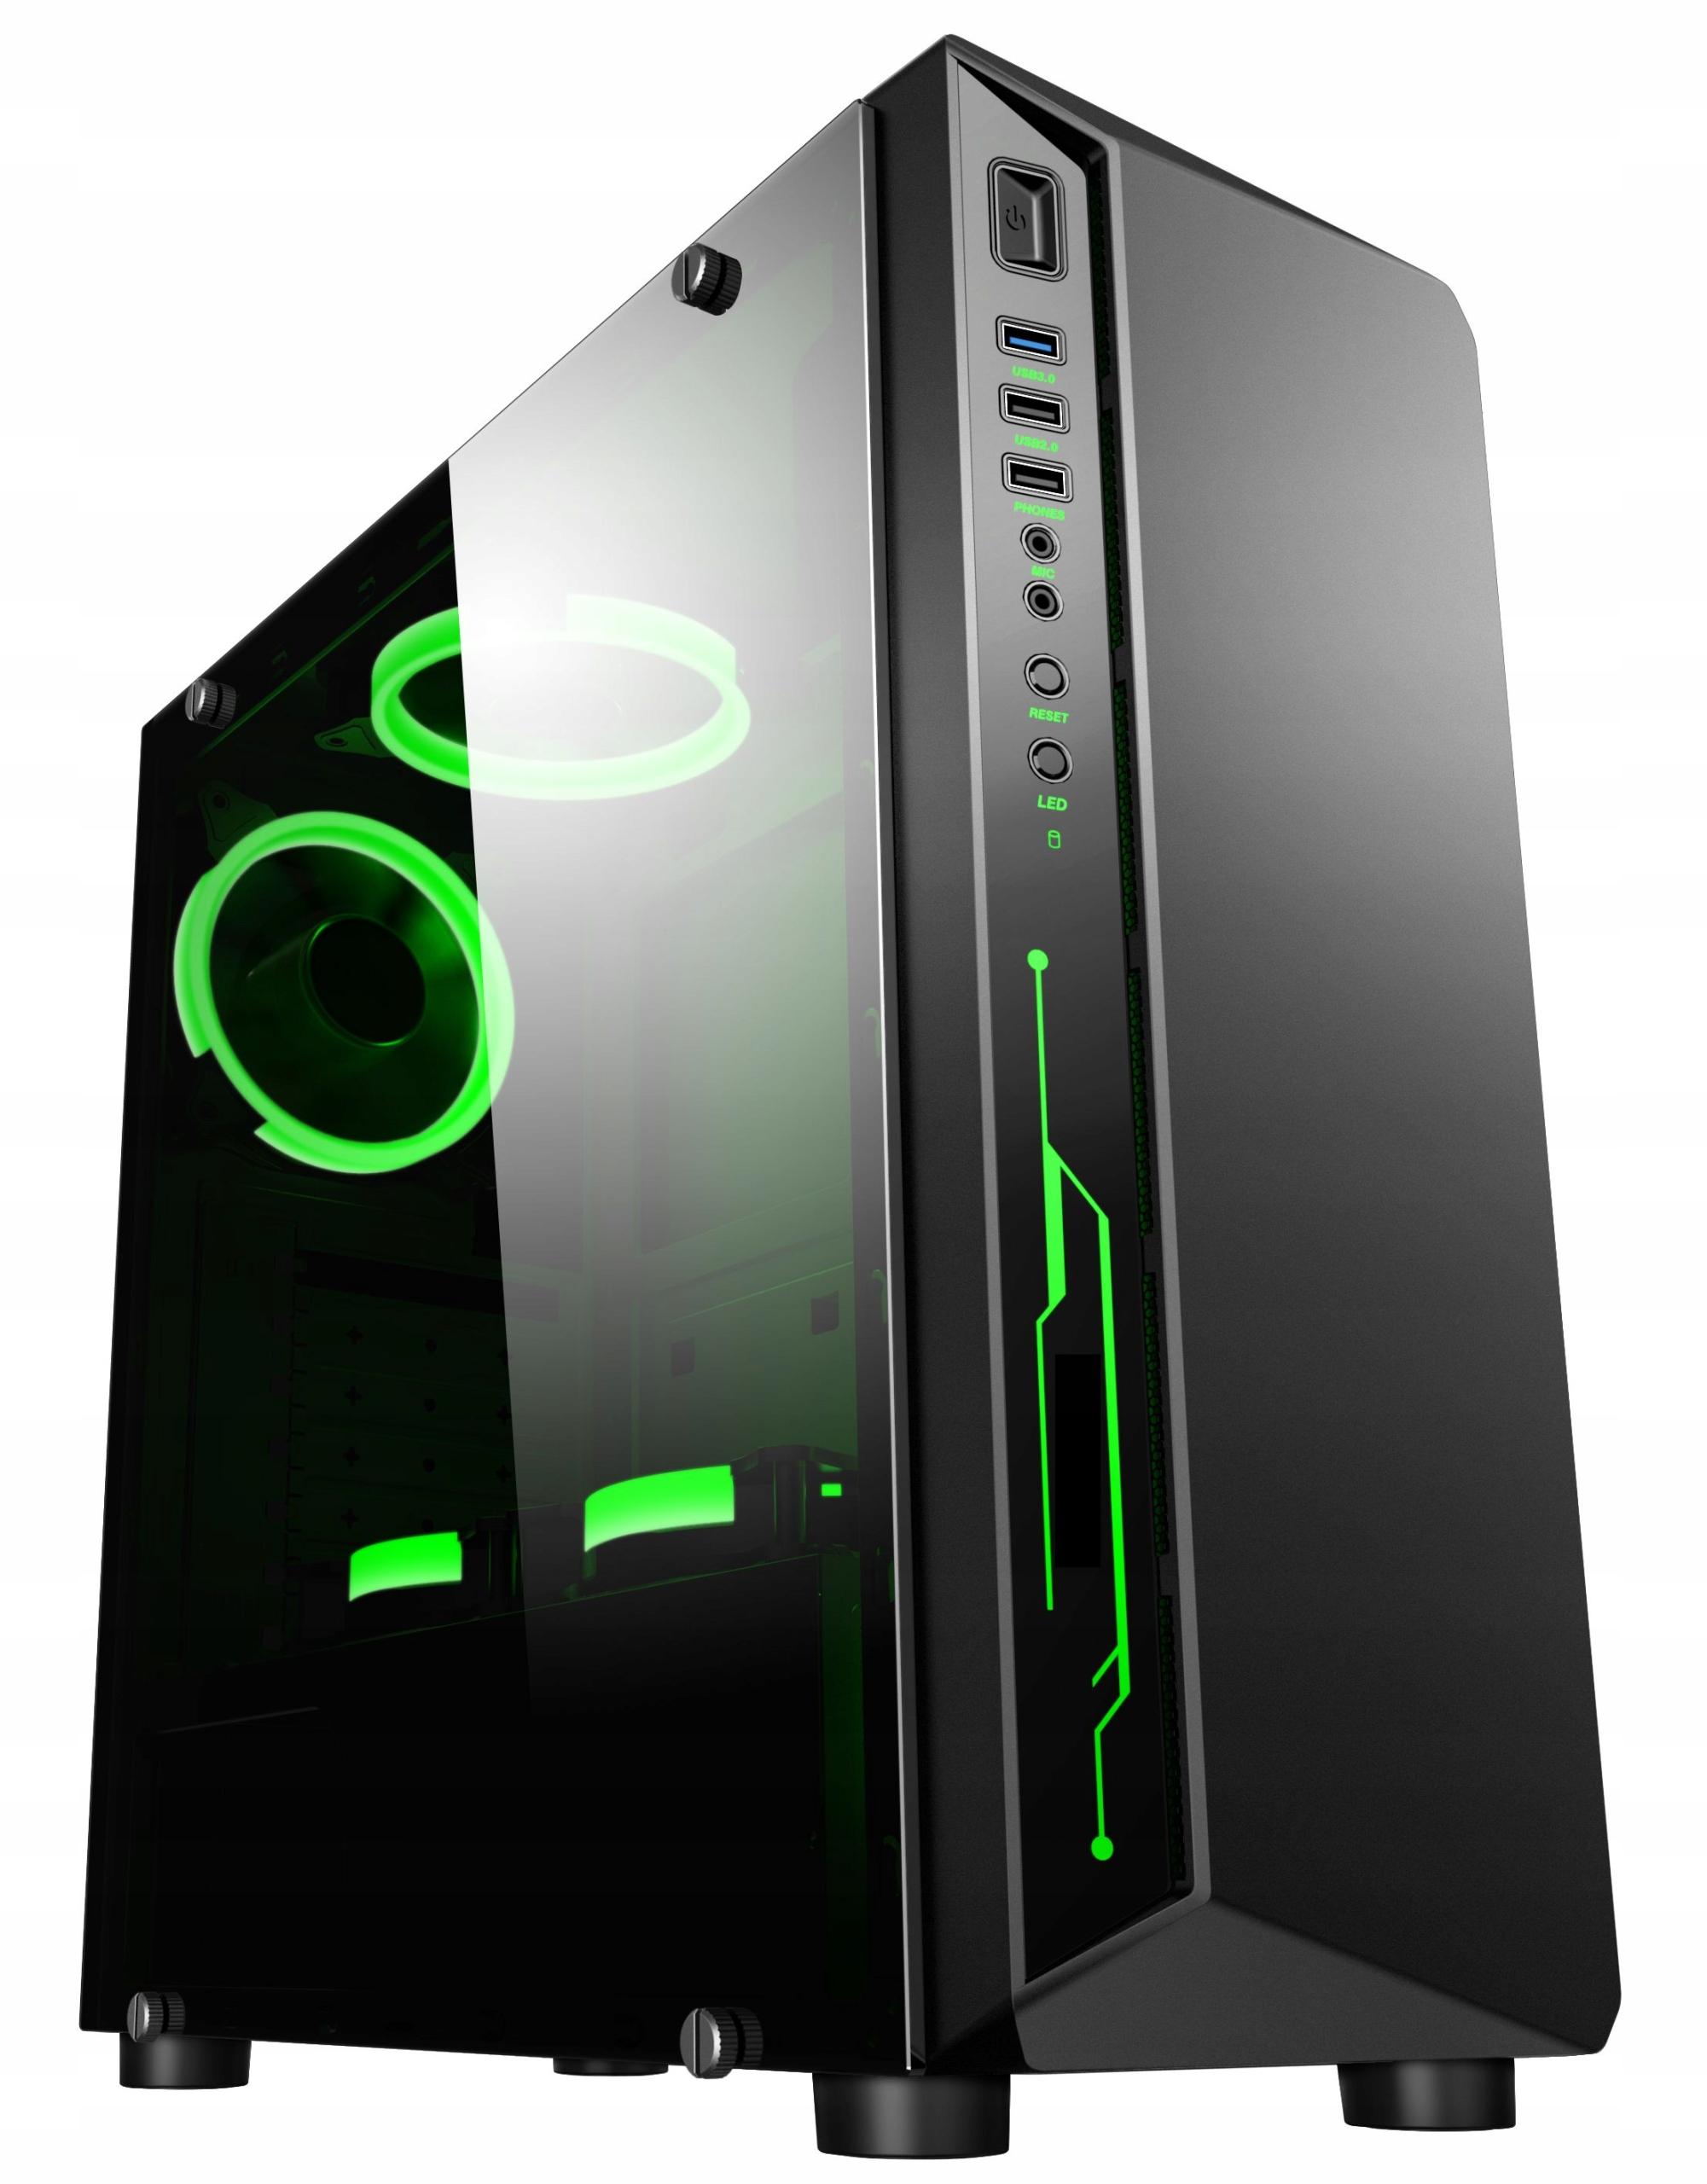 КОРПУС Gamer Премиум модель BPC3 USB 3.0, RGB LED